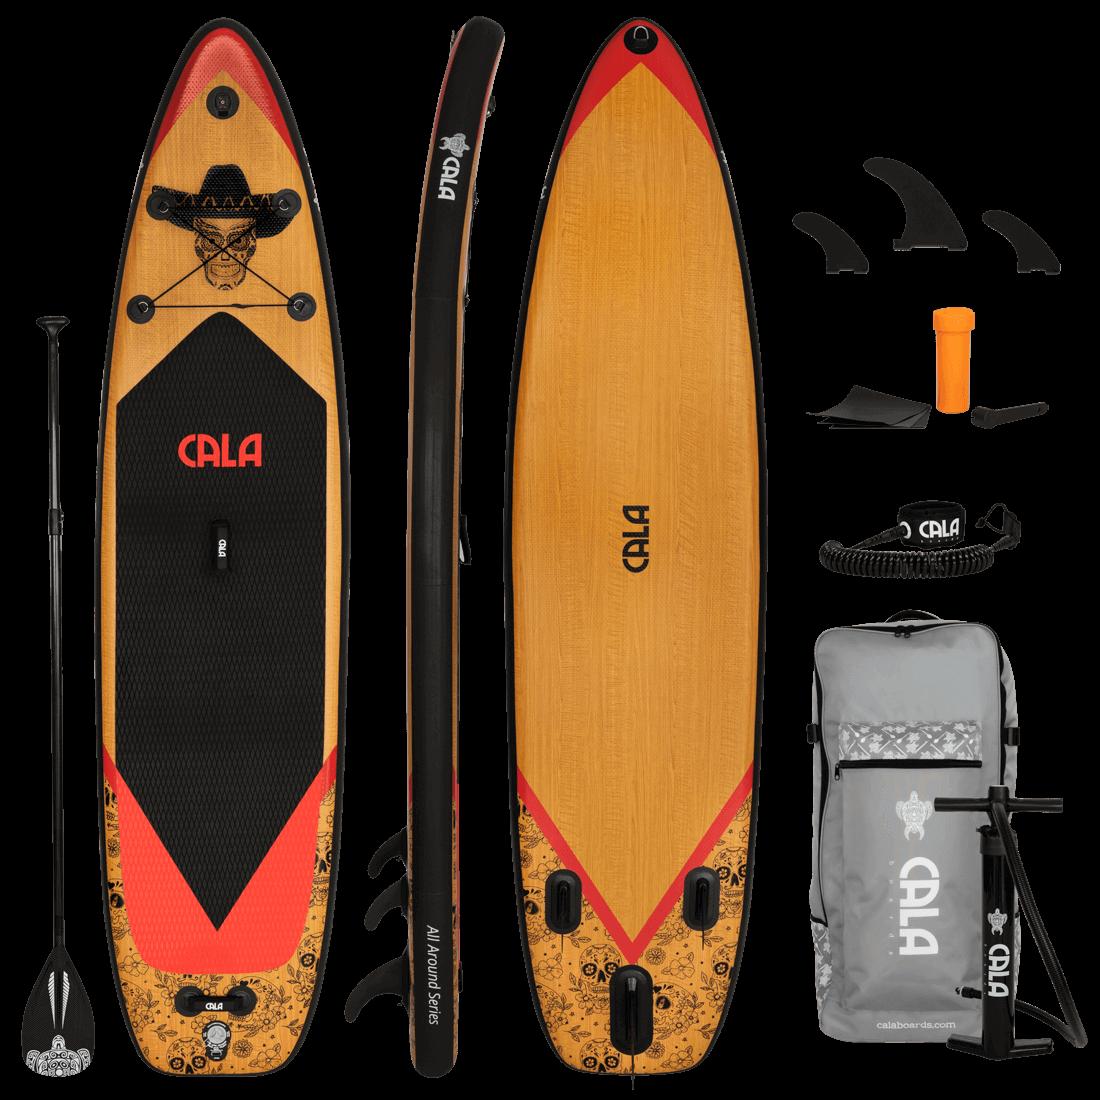 Cala Boards Chac (Bild 0)